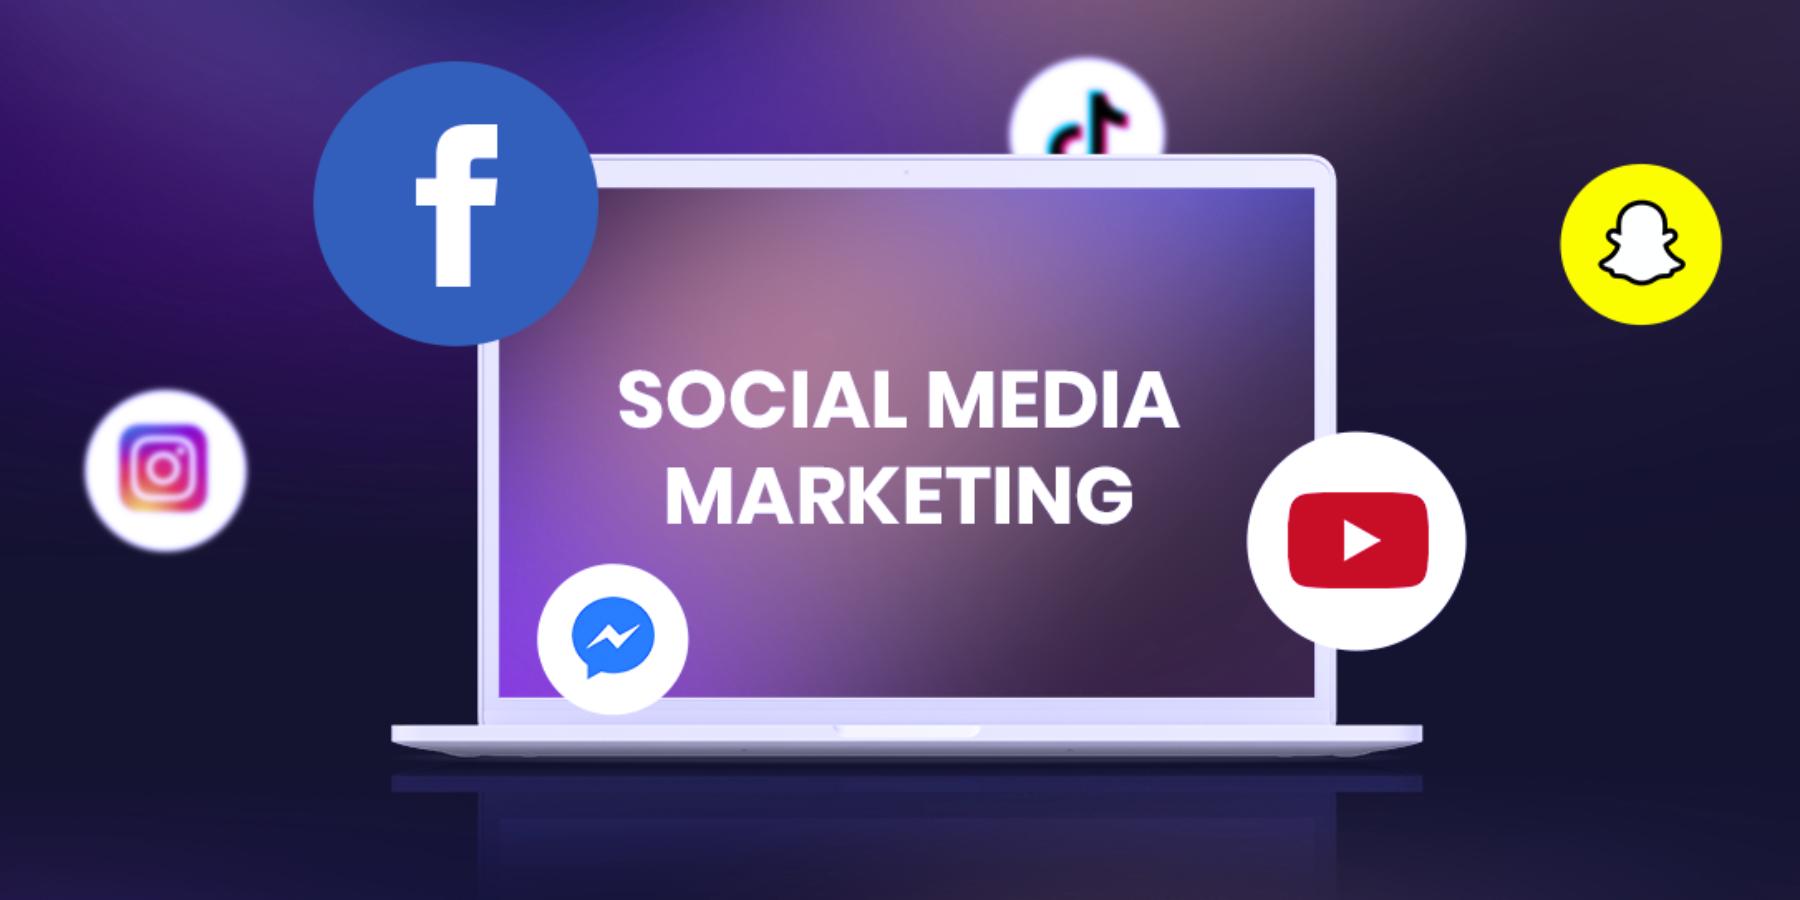 Dlaczego warto promować e-commerce wmediach społecznościowych